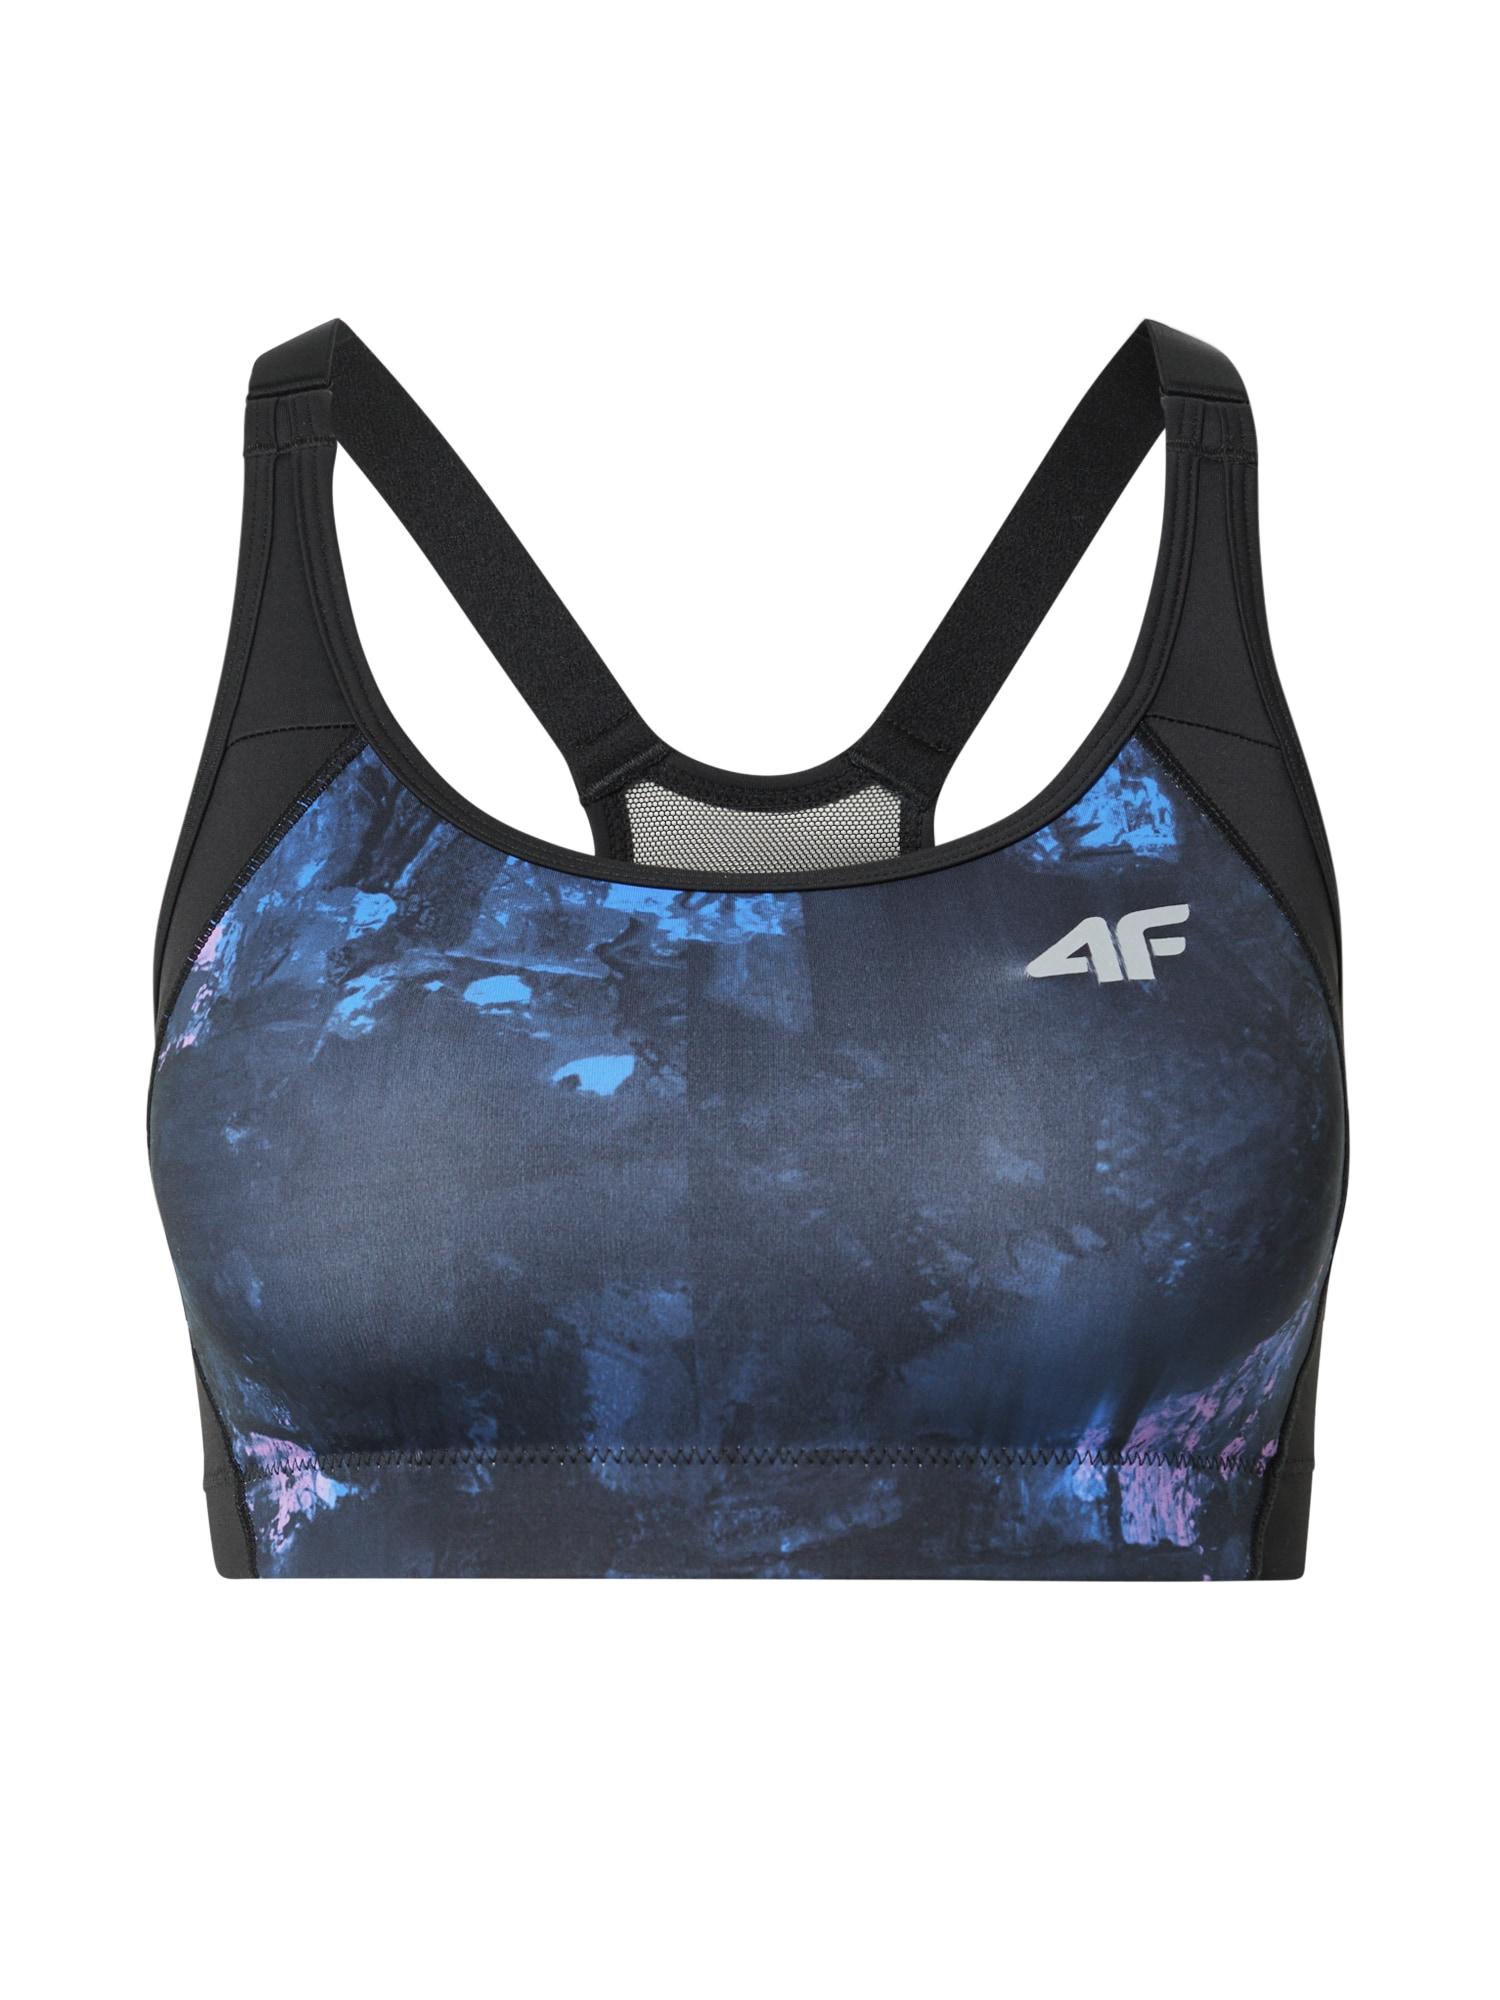 4F Sportinė liemenėlė tamsiai mėlyna / juoda